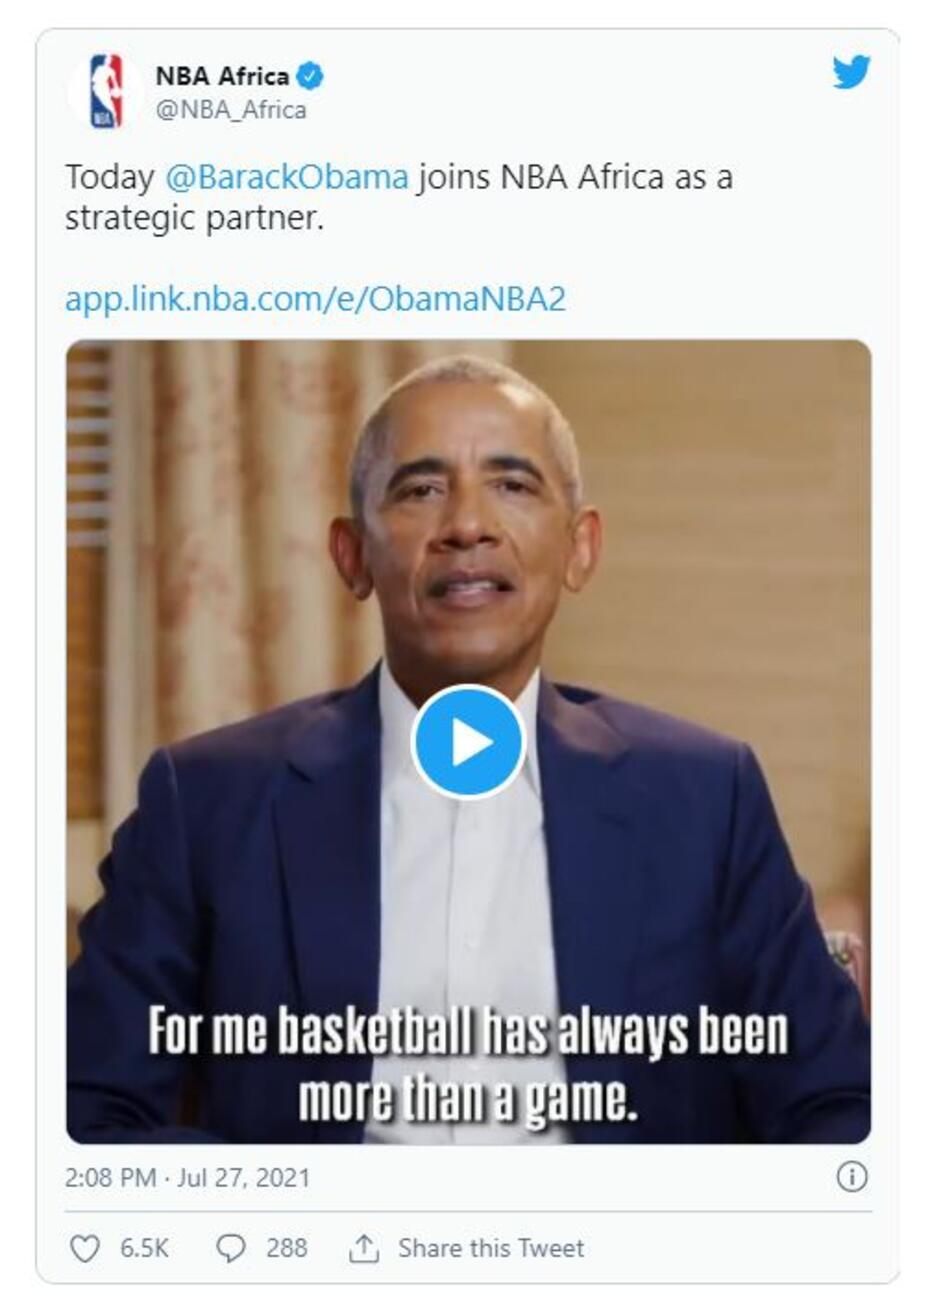 Obama tweet on NBA Africa